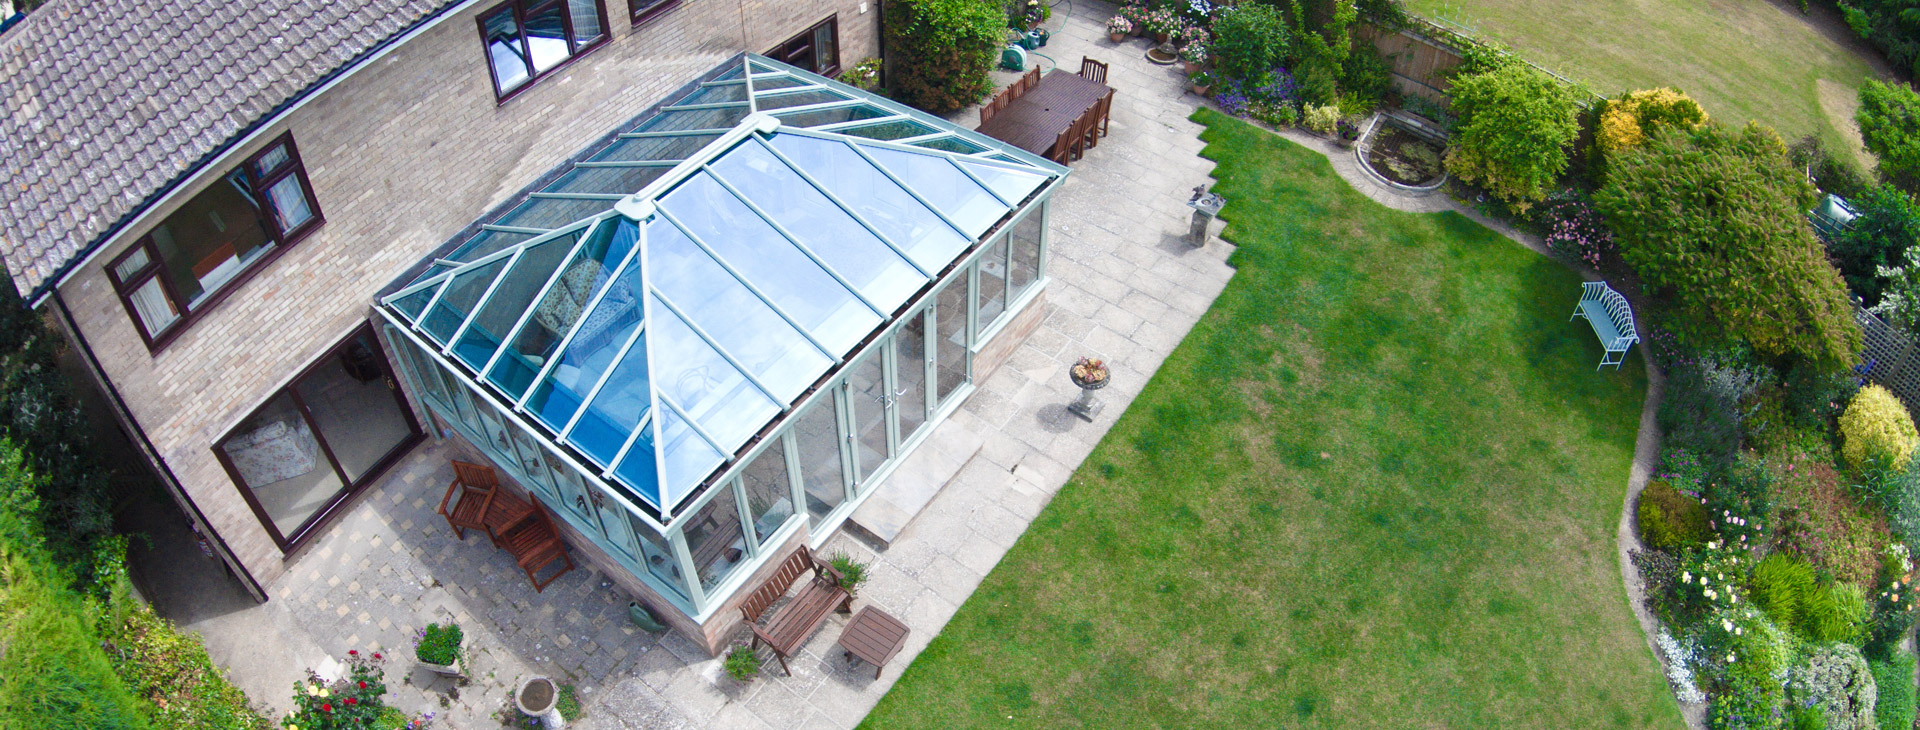 conservatories2-1920x730